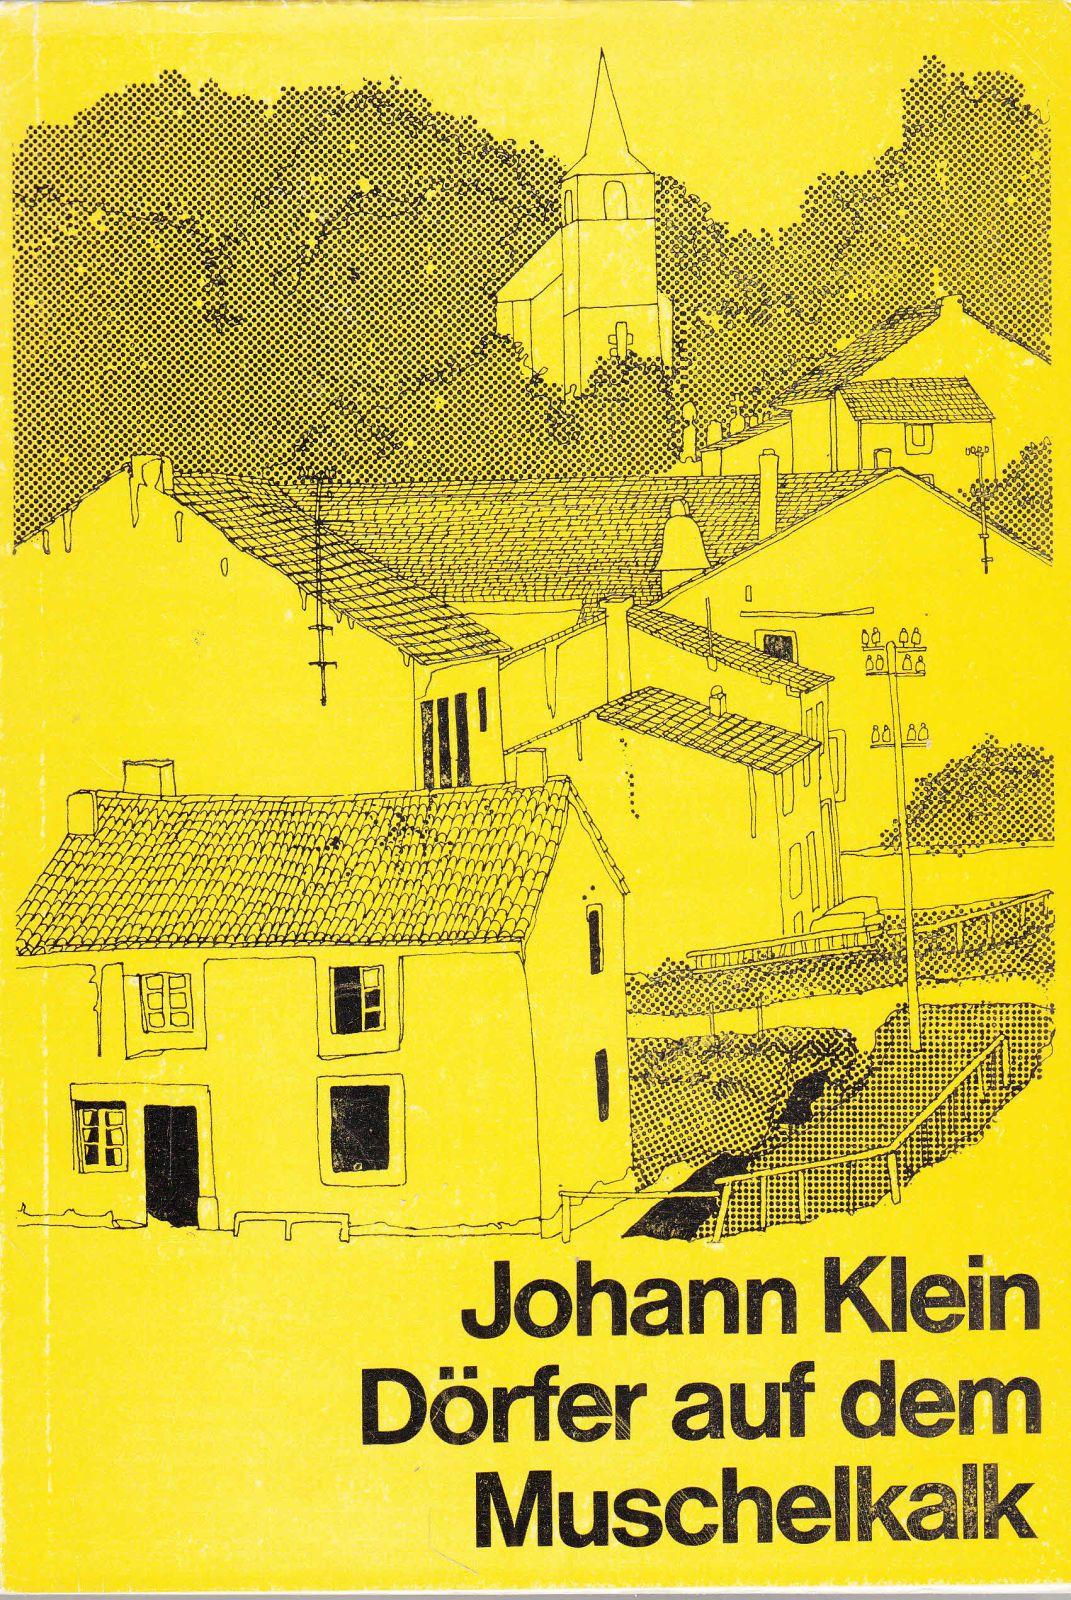 Dörfer auf dem Muschelkalk: Dorf- und Pfarreigeschichte: Klein, Johann: